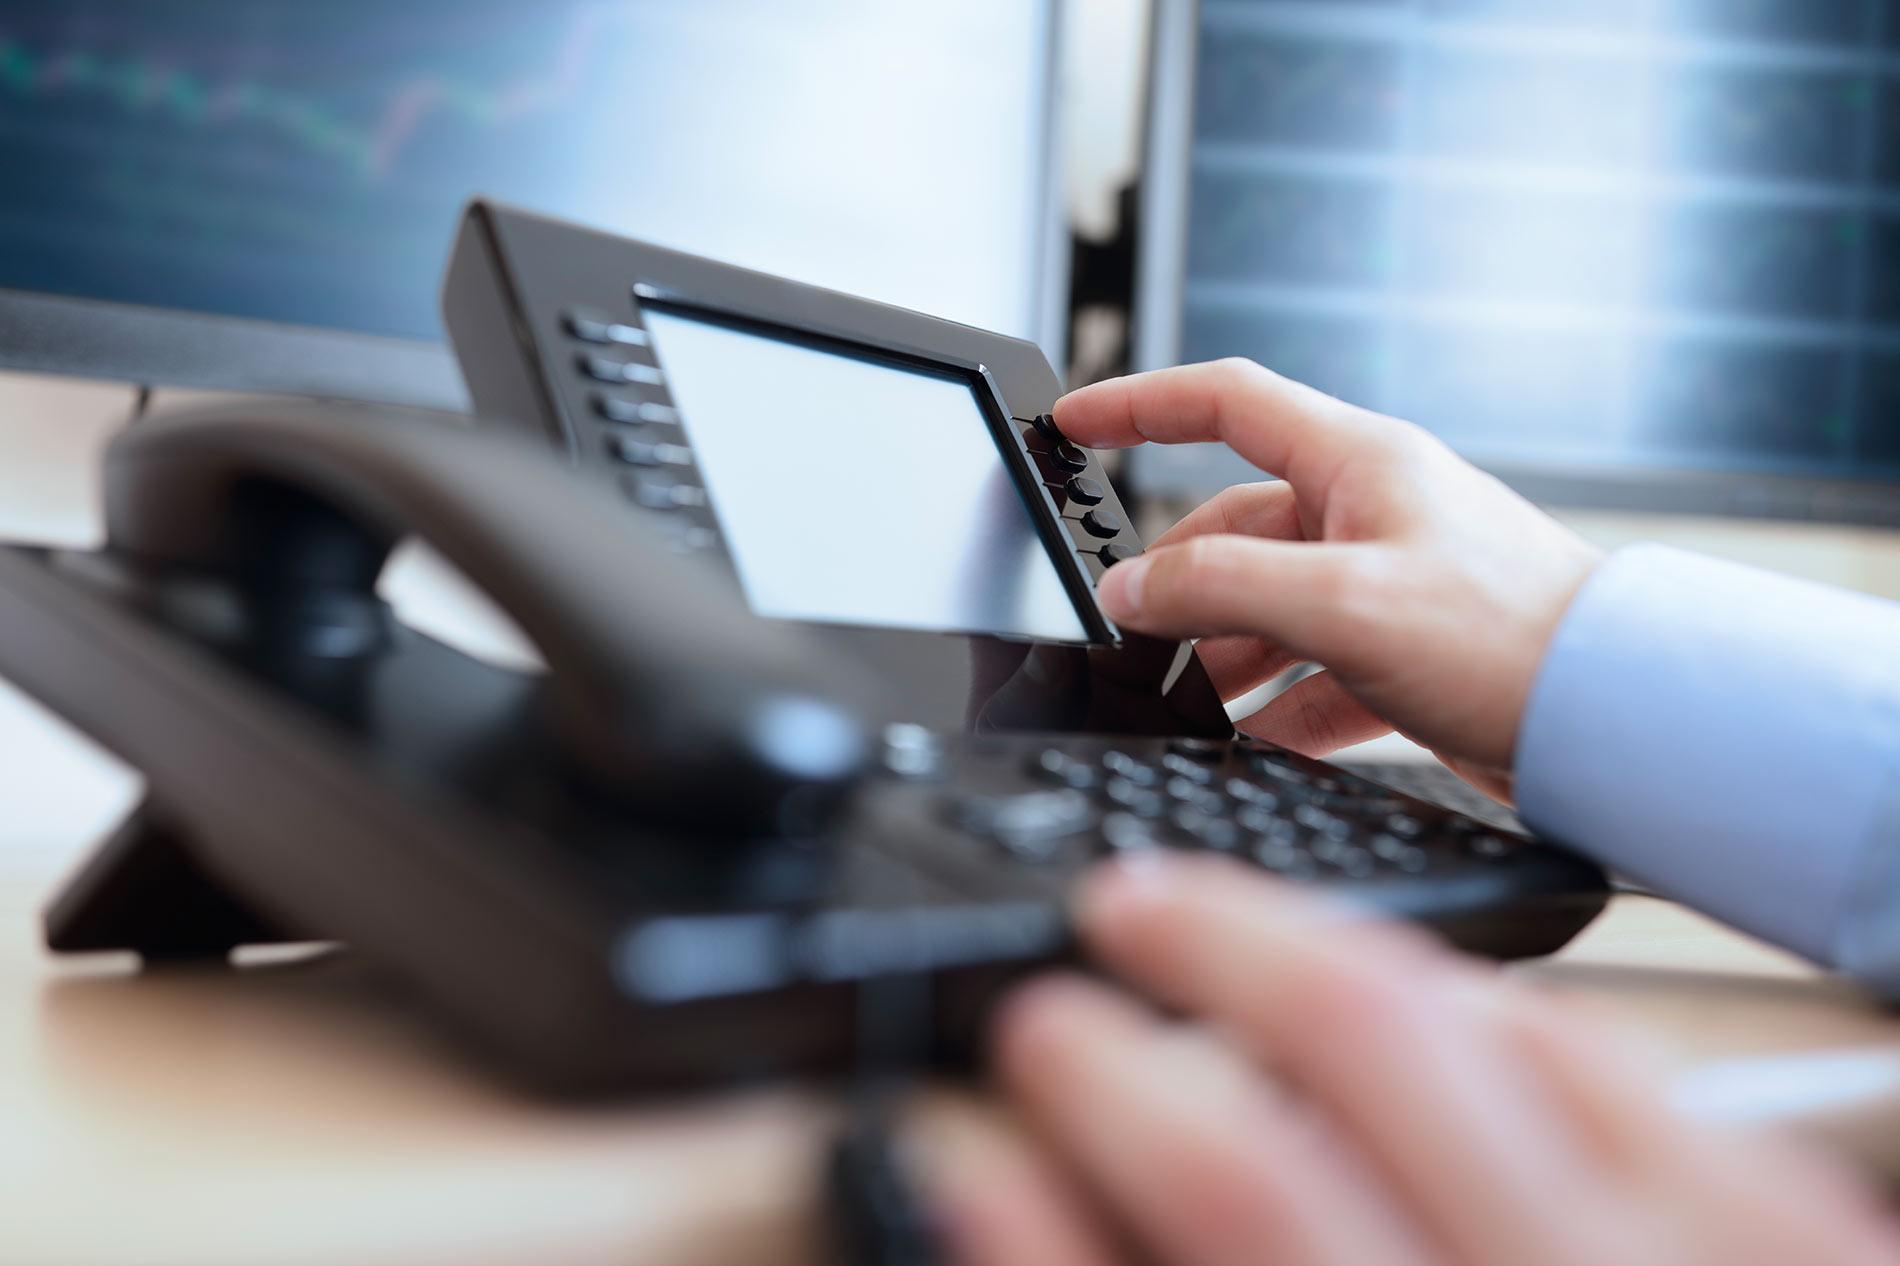 piratage-telephonique-conseils